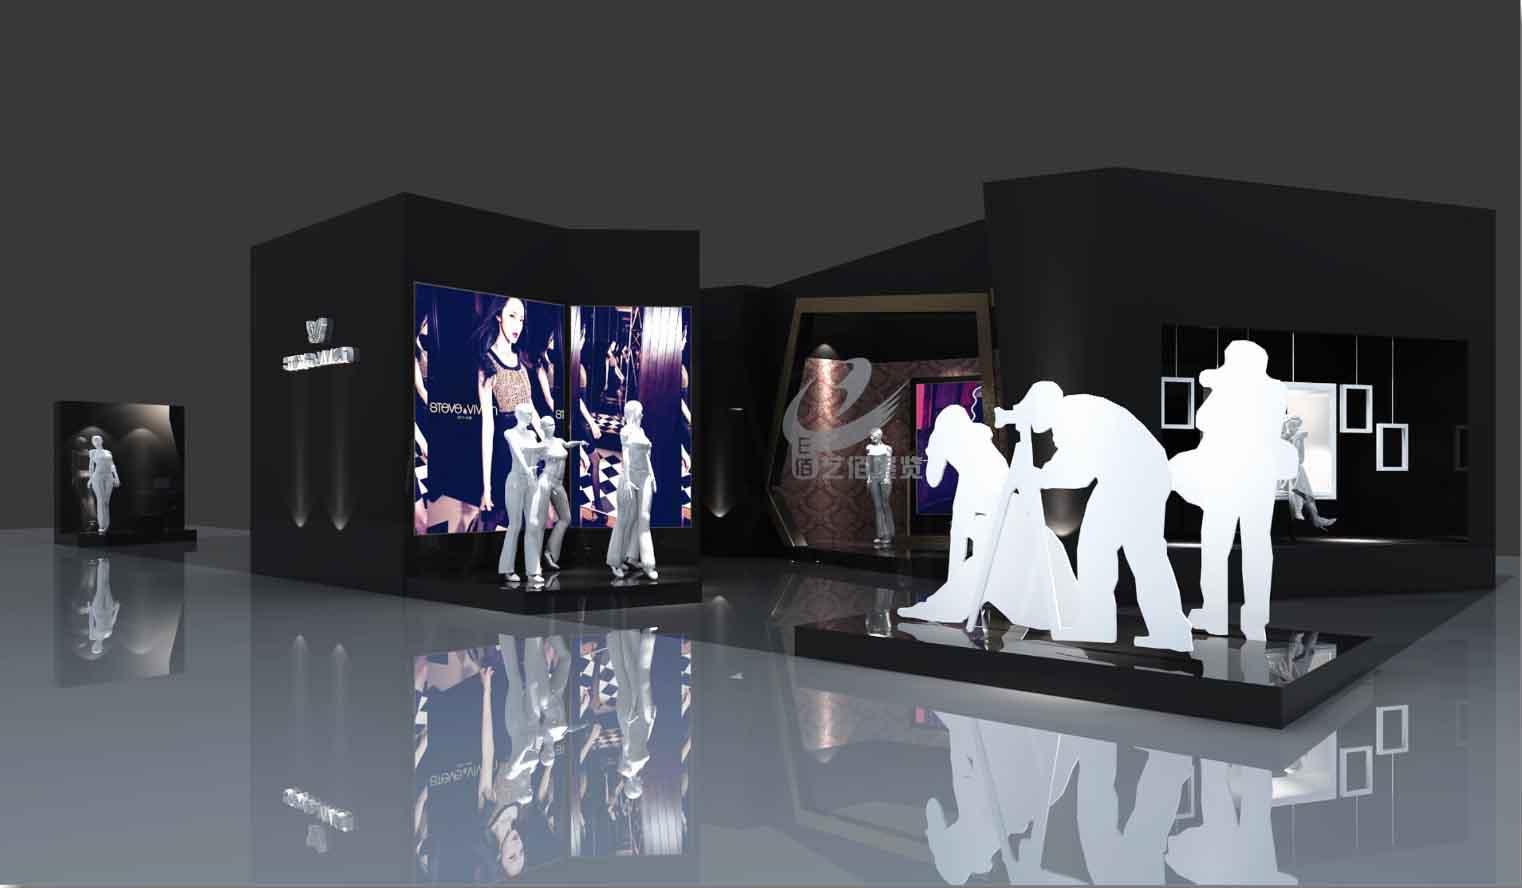 道具展览制作工厂 美陈布置 活动策划 舞台搭建